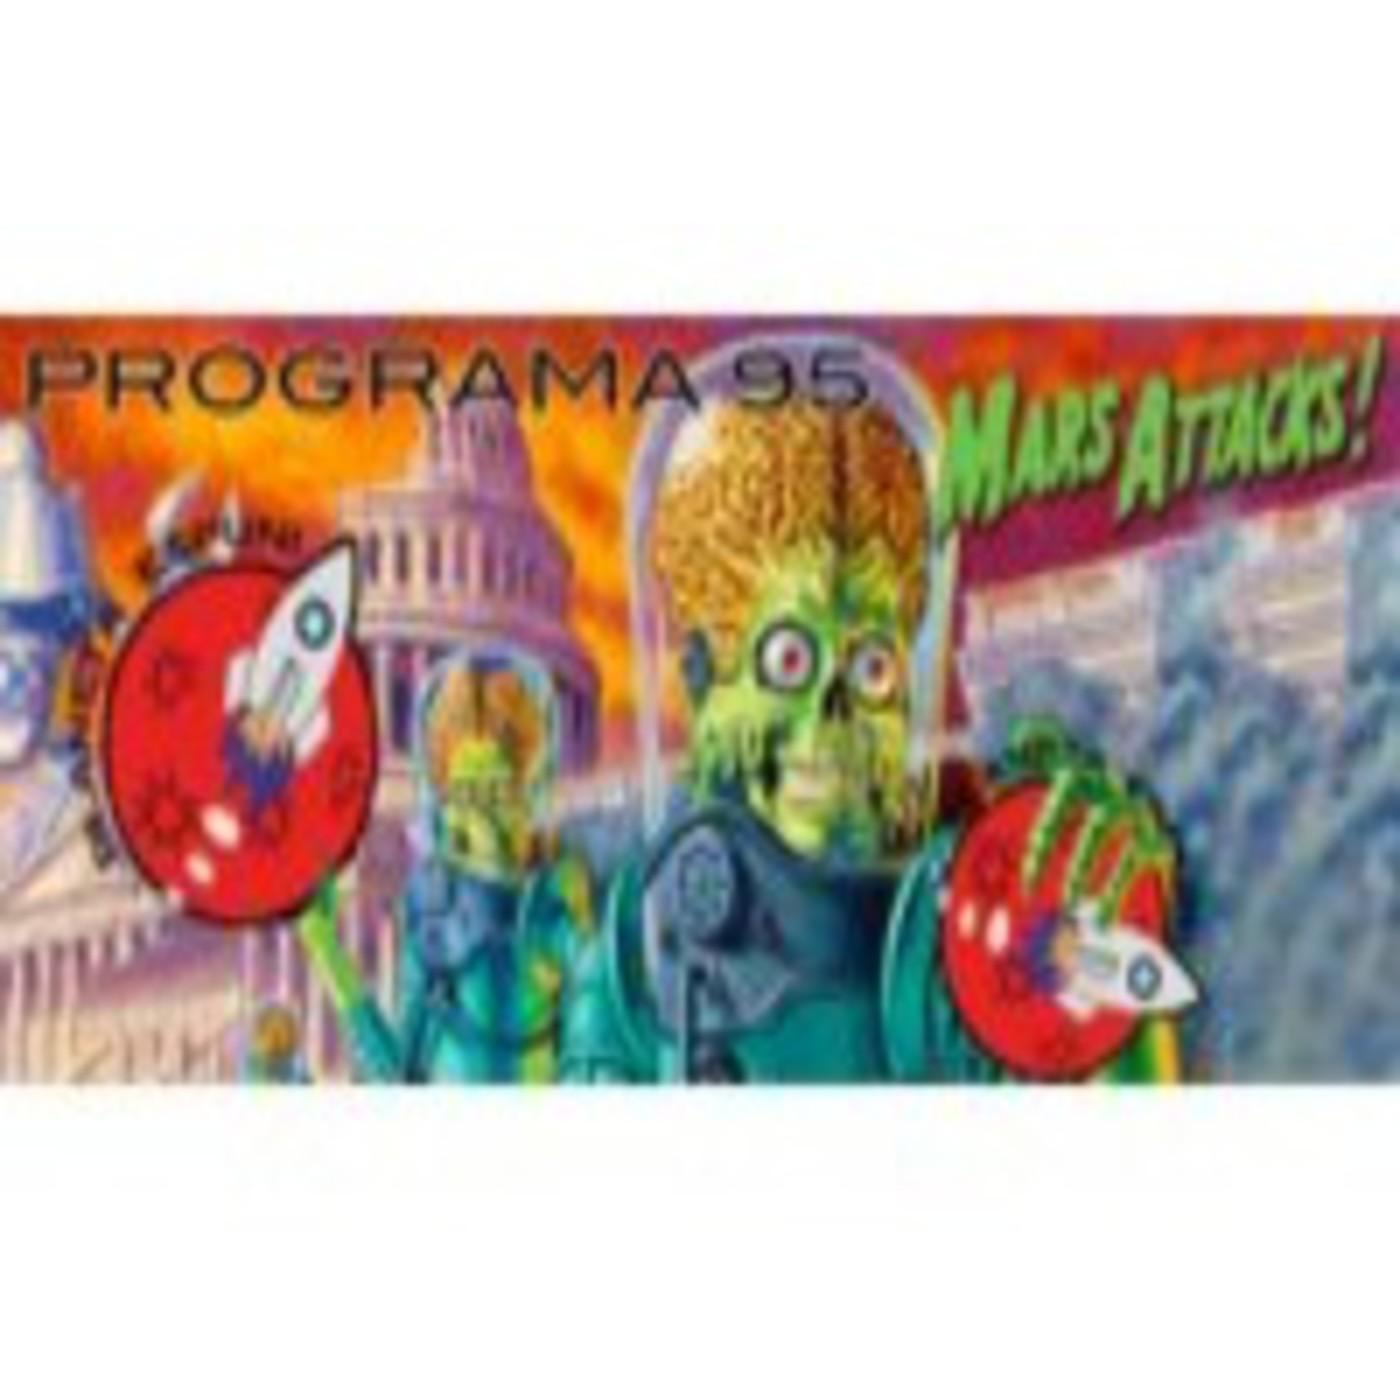 Programa 95 - De extraterrestres y malos padres